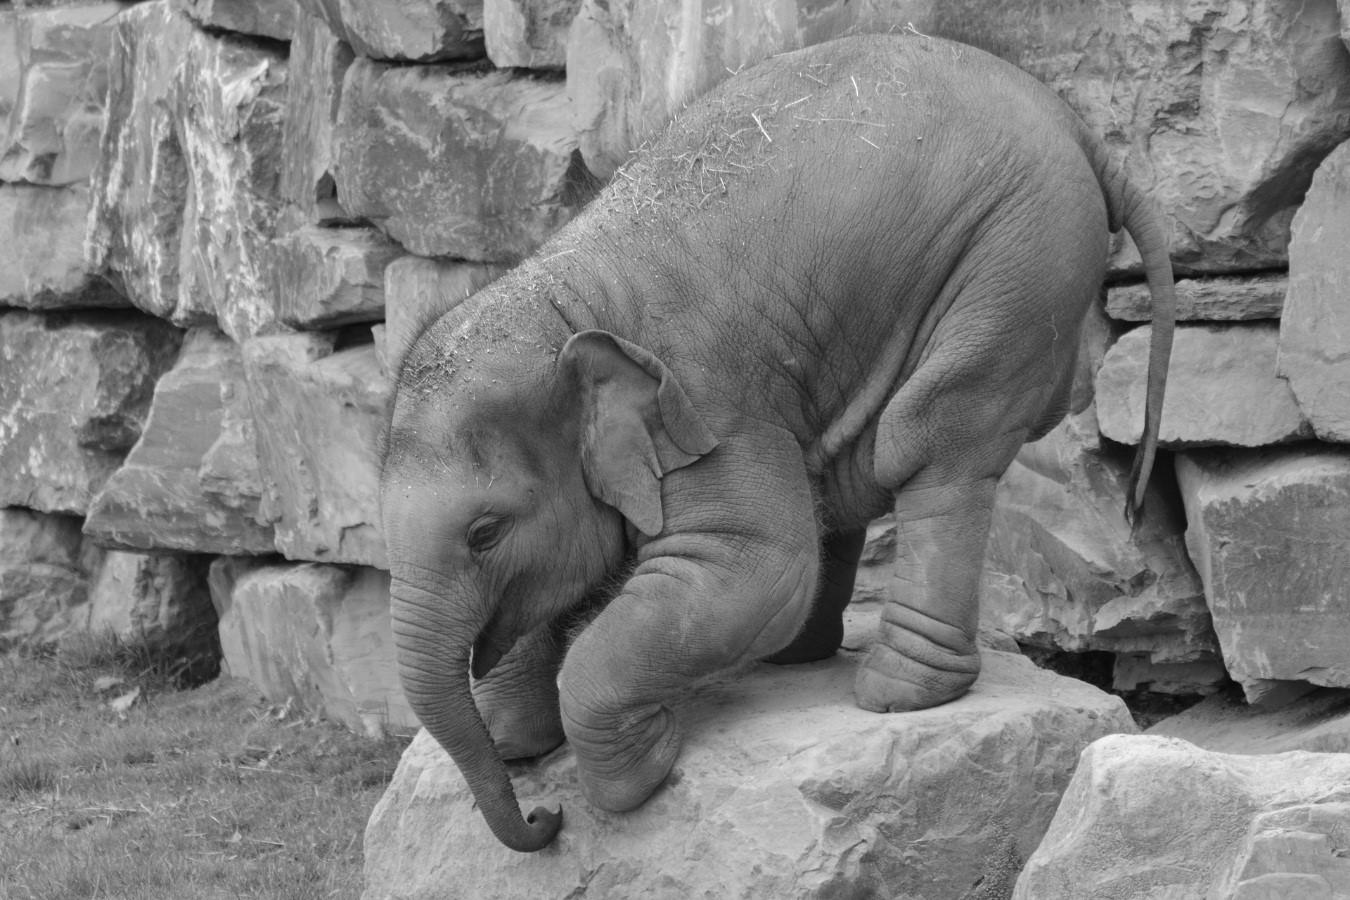 5 razones que hicieron de Dumbo un fracaso en cine